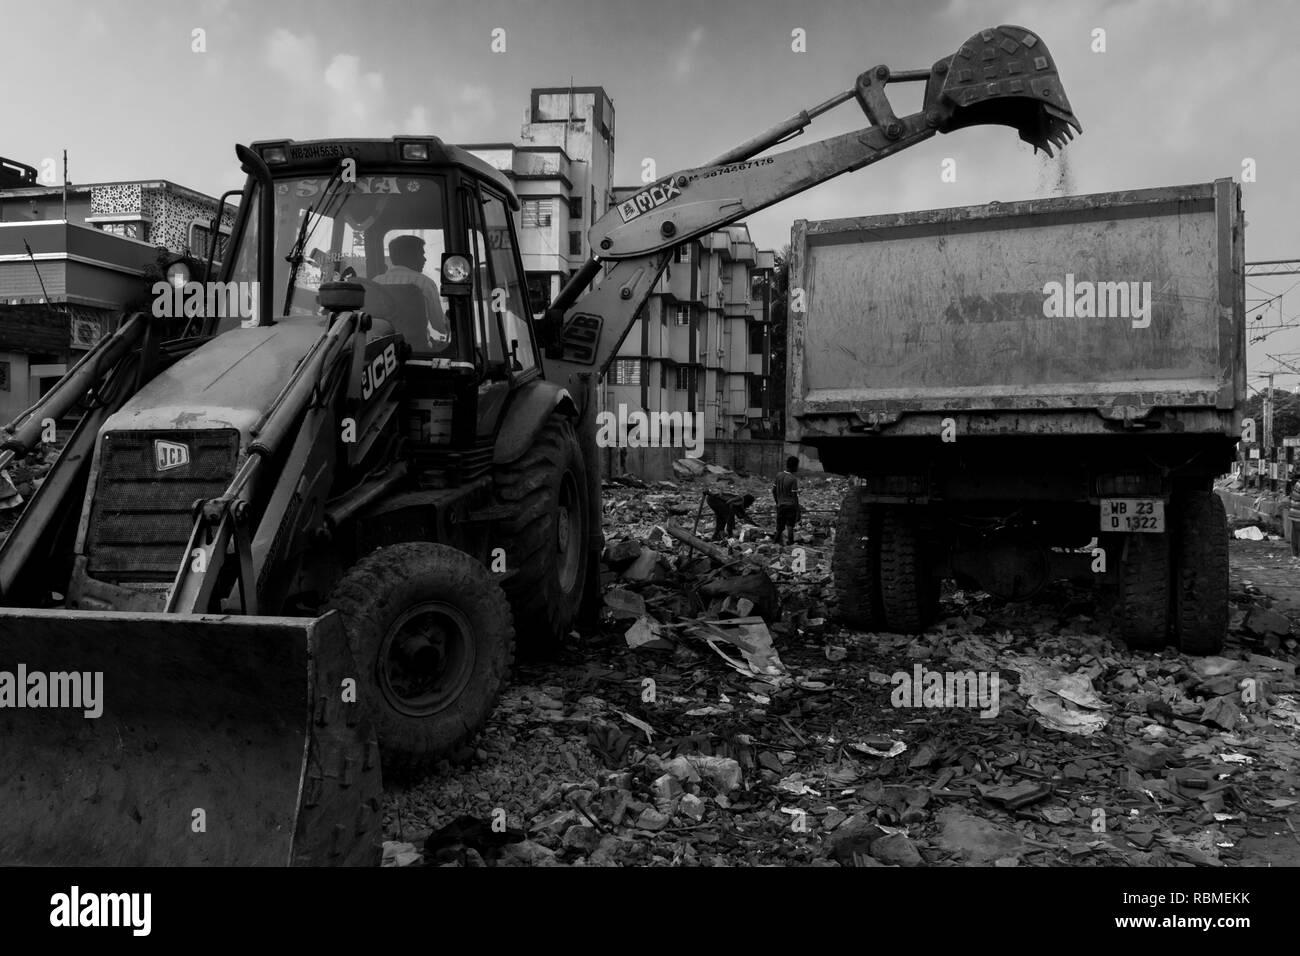 Slums demolished, JCB bulldozer, Kolkata, West Bengal, India, Asia - Stock Image